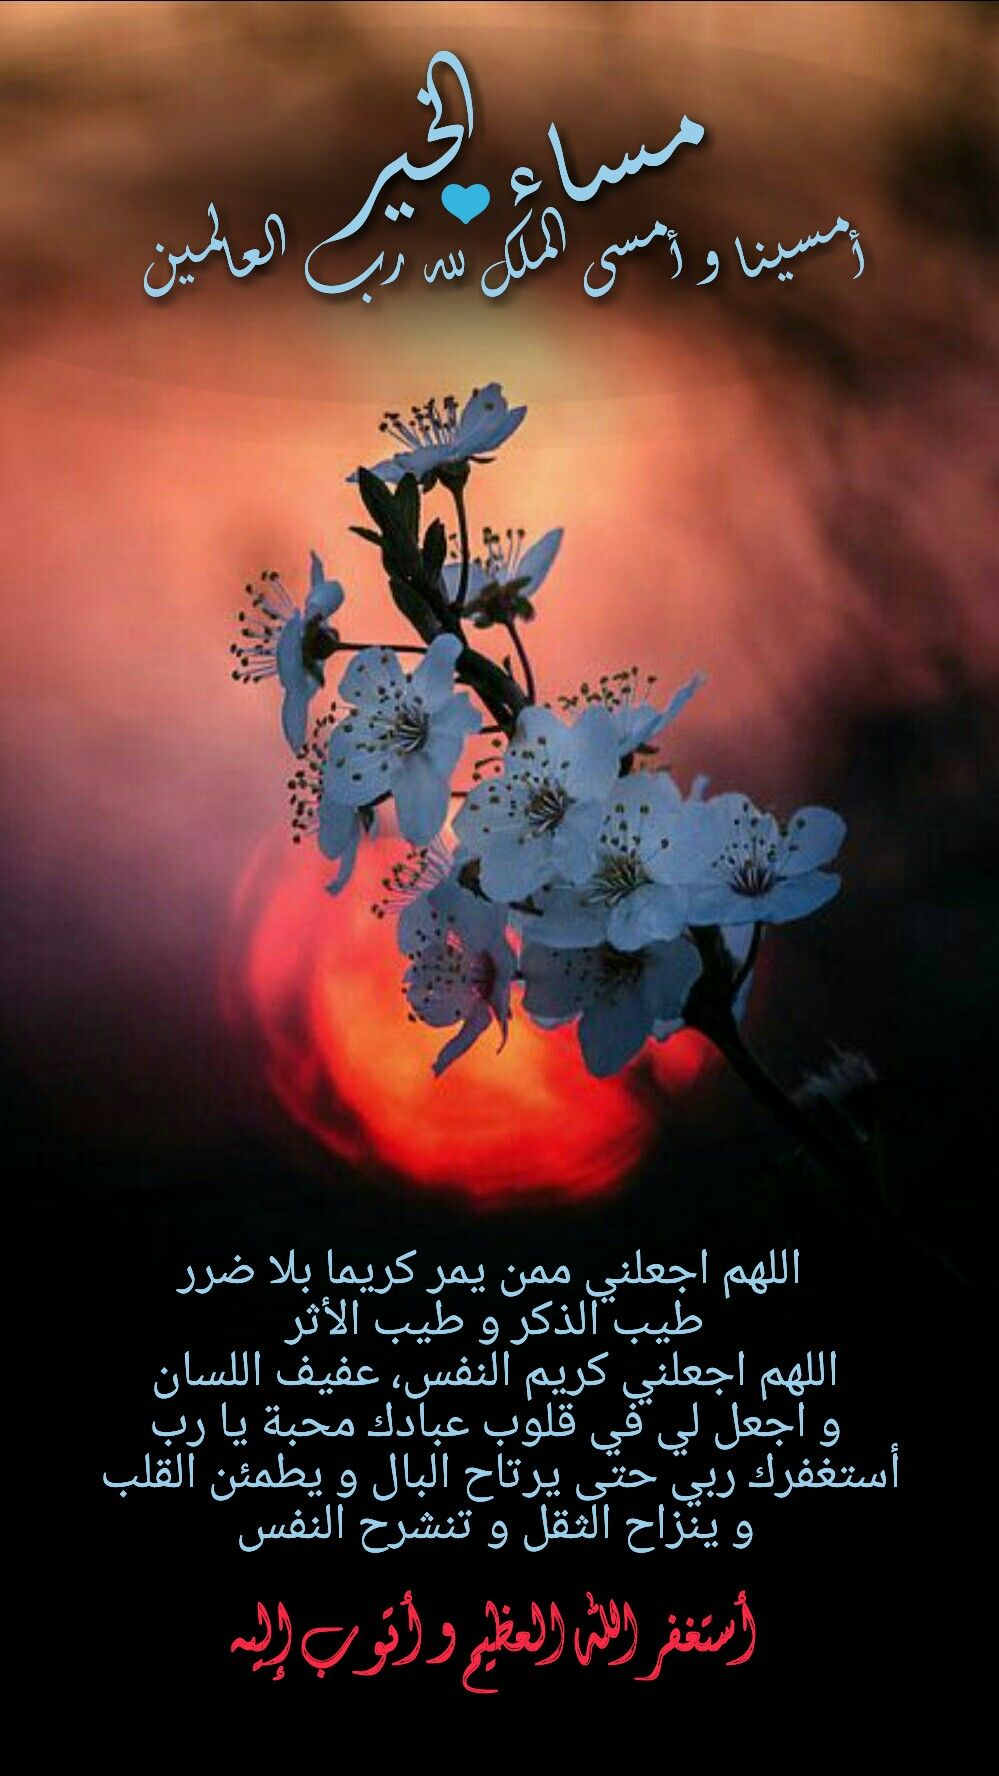 مساء الخير Good Evening Photo Quotes Islam Ramadan